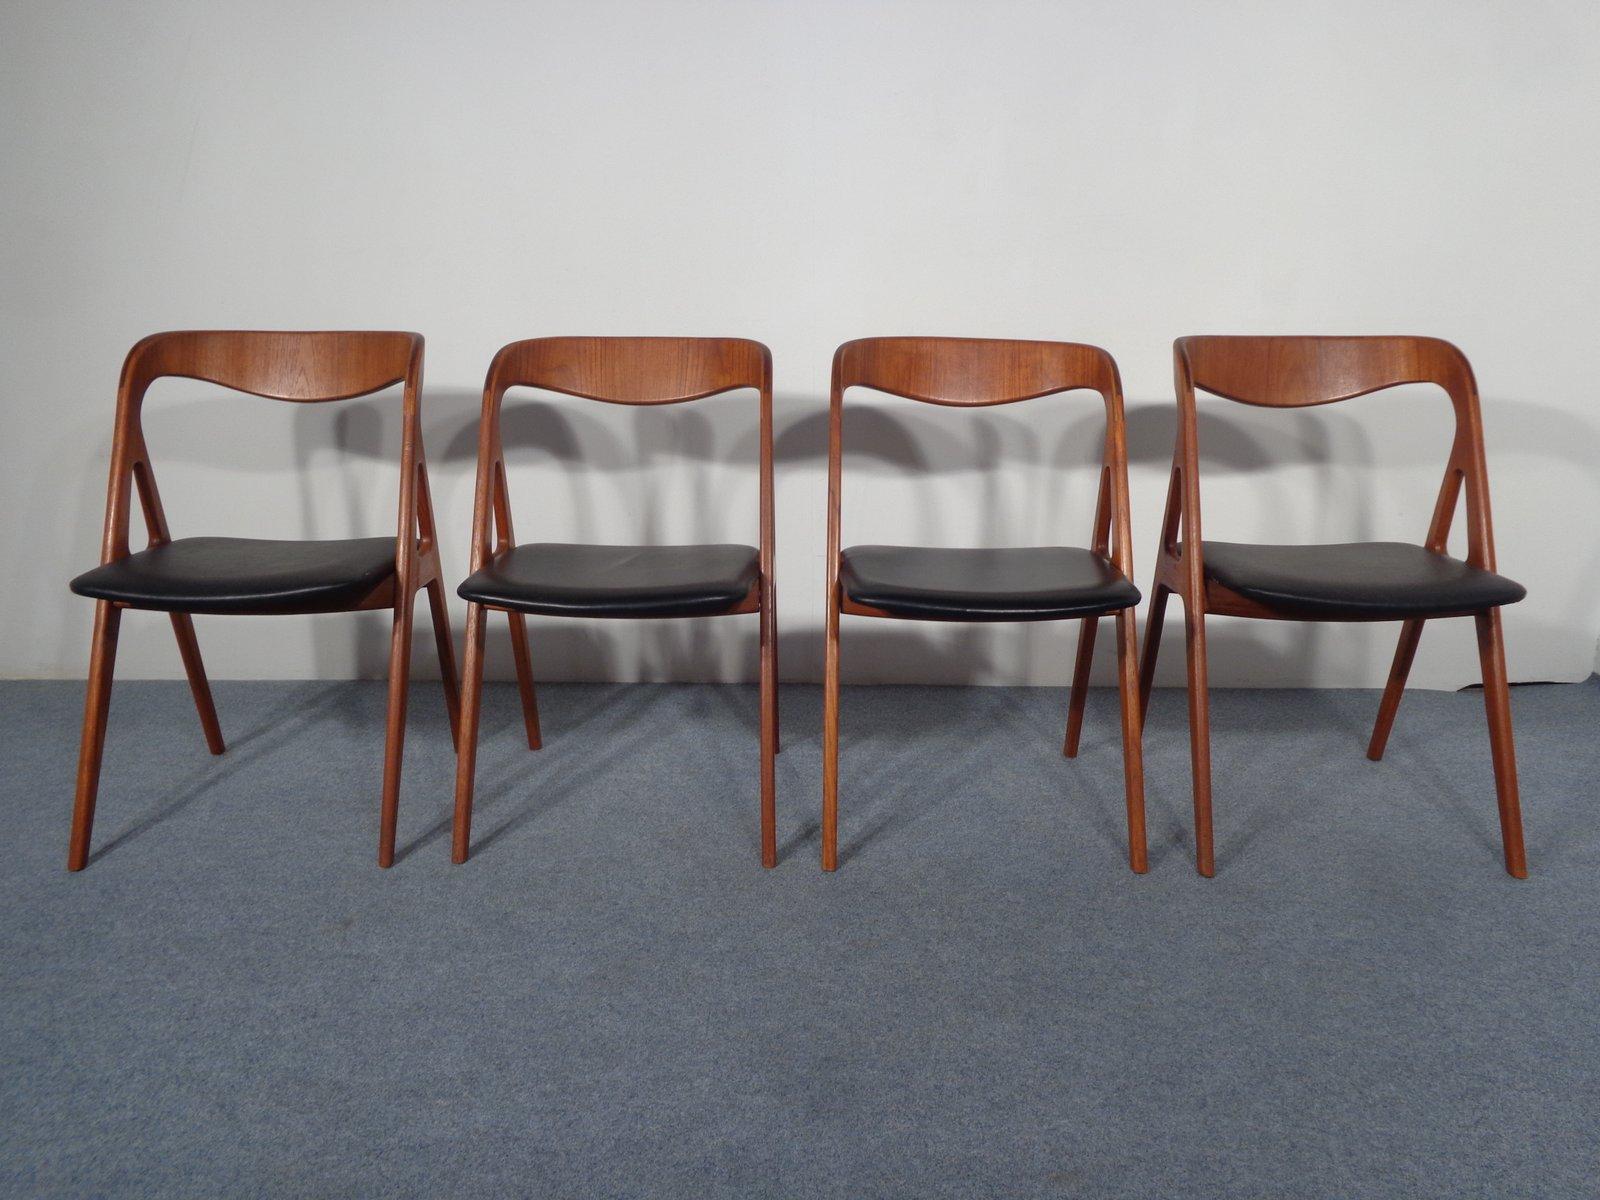 vintage teakholz esszimmerst hle von vamo 4er set bei pamono kaufen. Black Bedroom Furniture Sets. Home Design Ideas